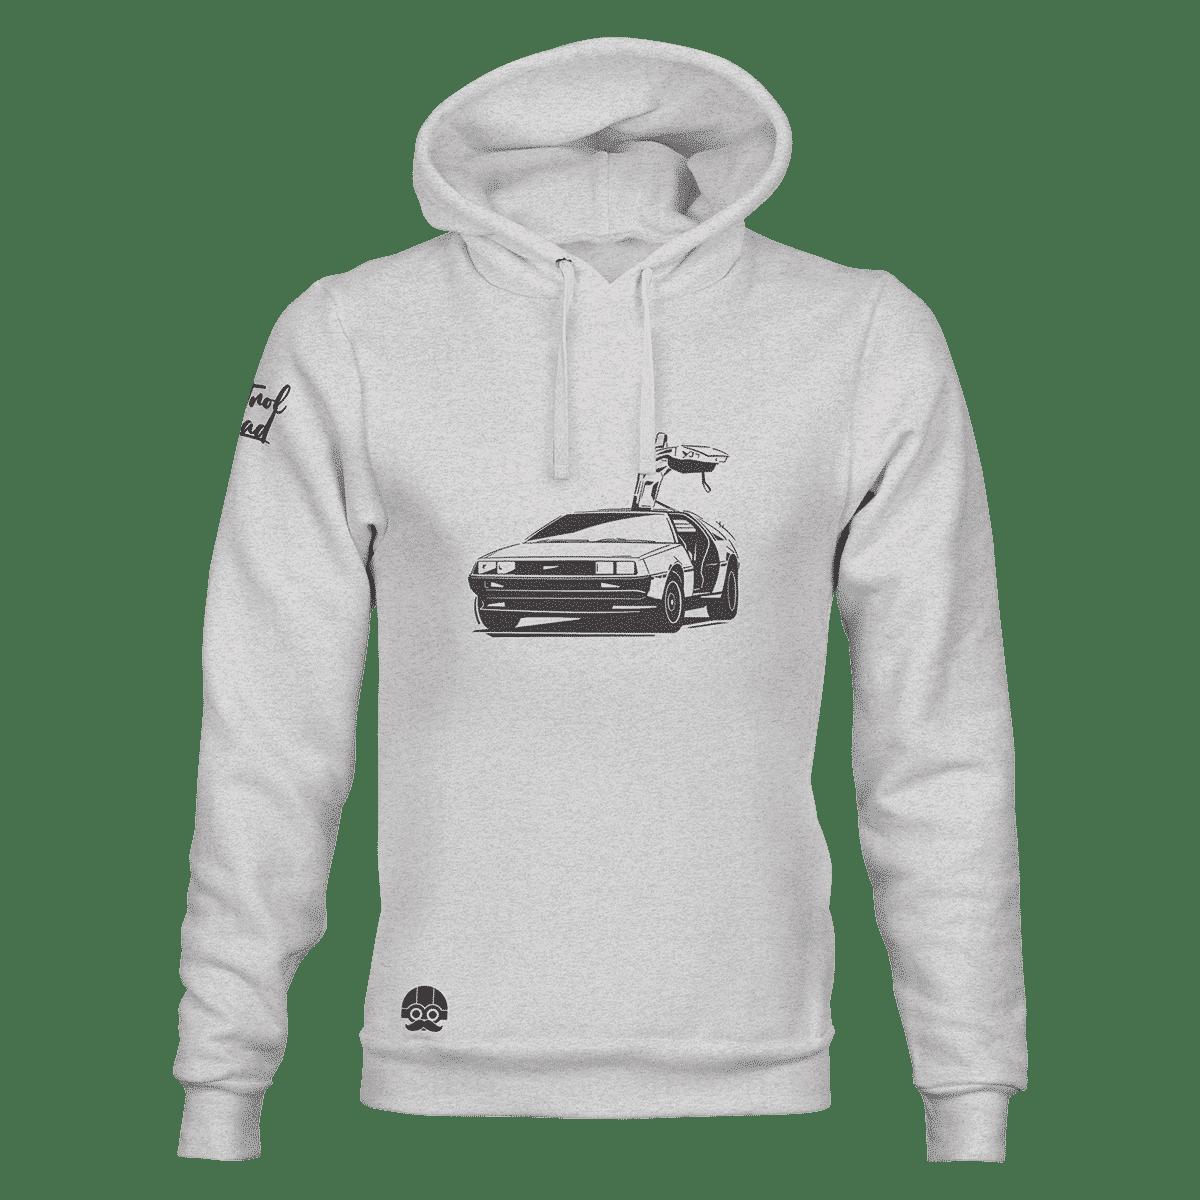 Bluza z samochodem DeLorean DMC-12